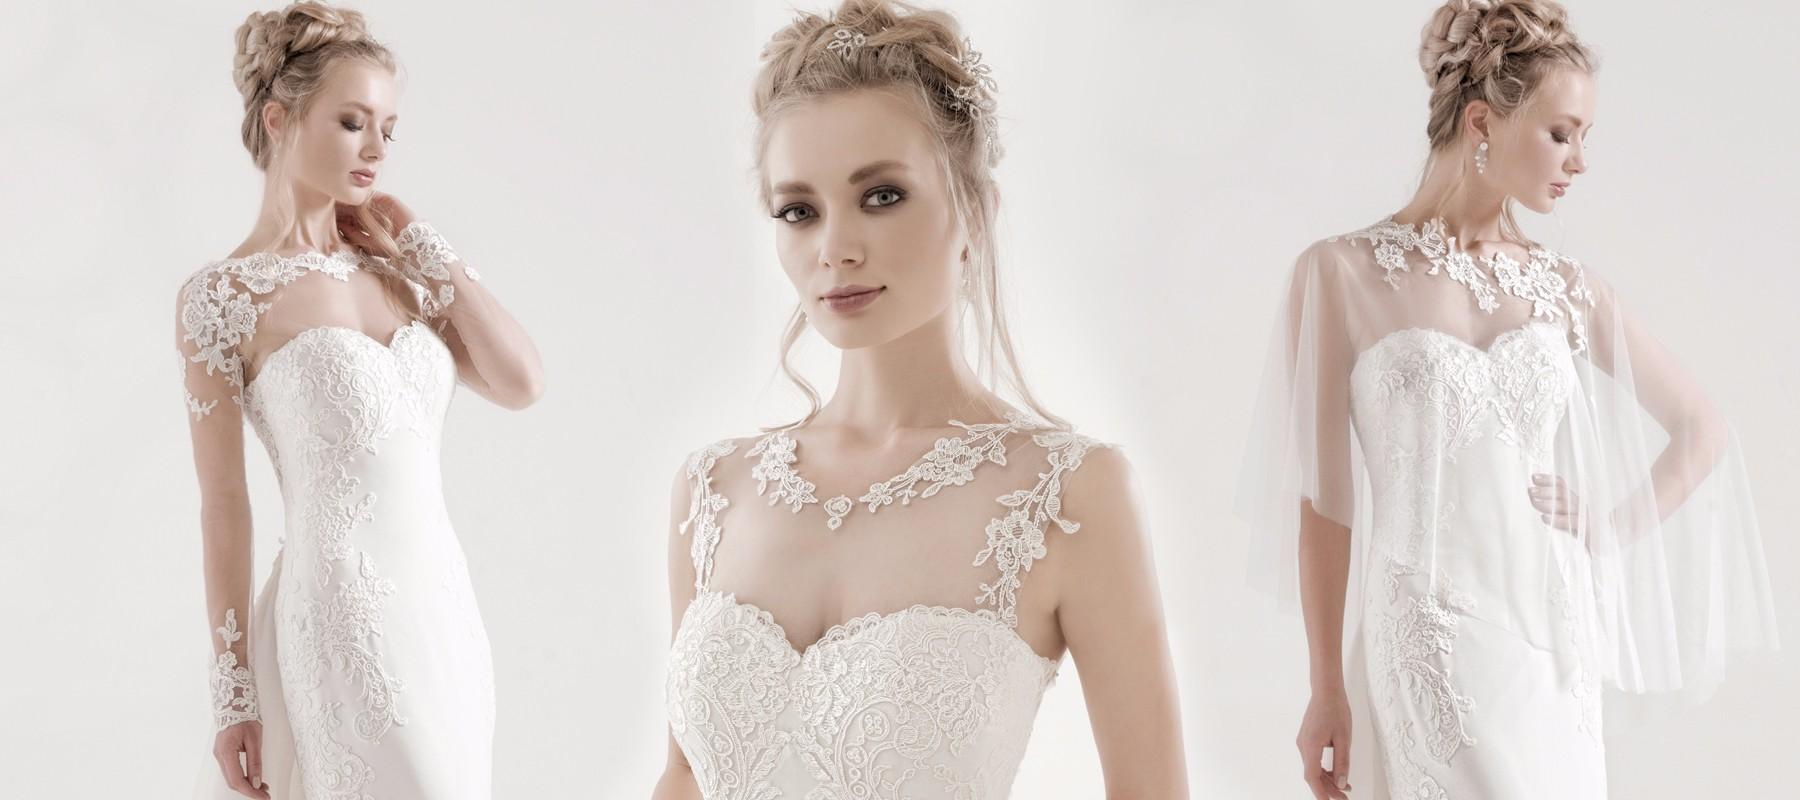 7128ac60e2ee Abiti da sposa invernali  maniche lunghe o coprispalle  - Anna Tumas